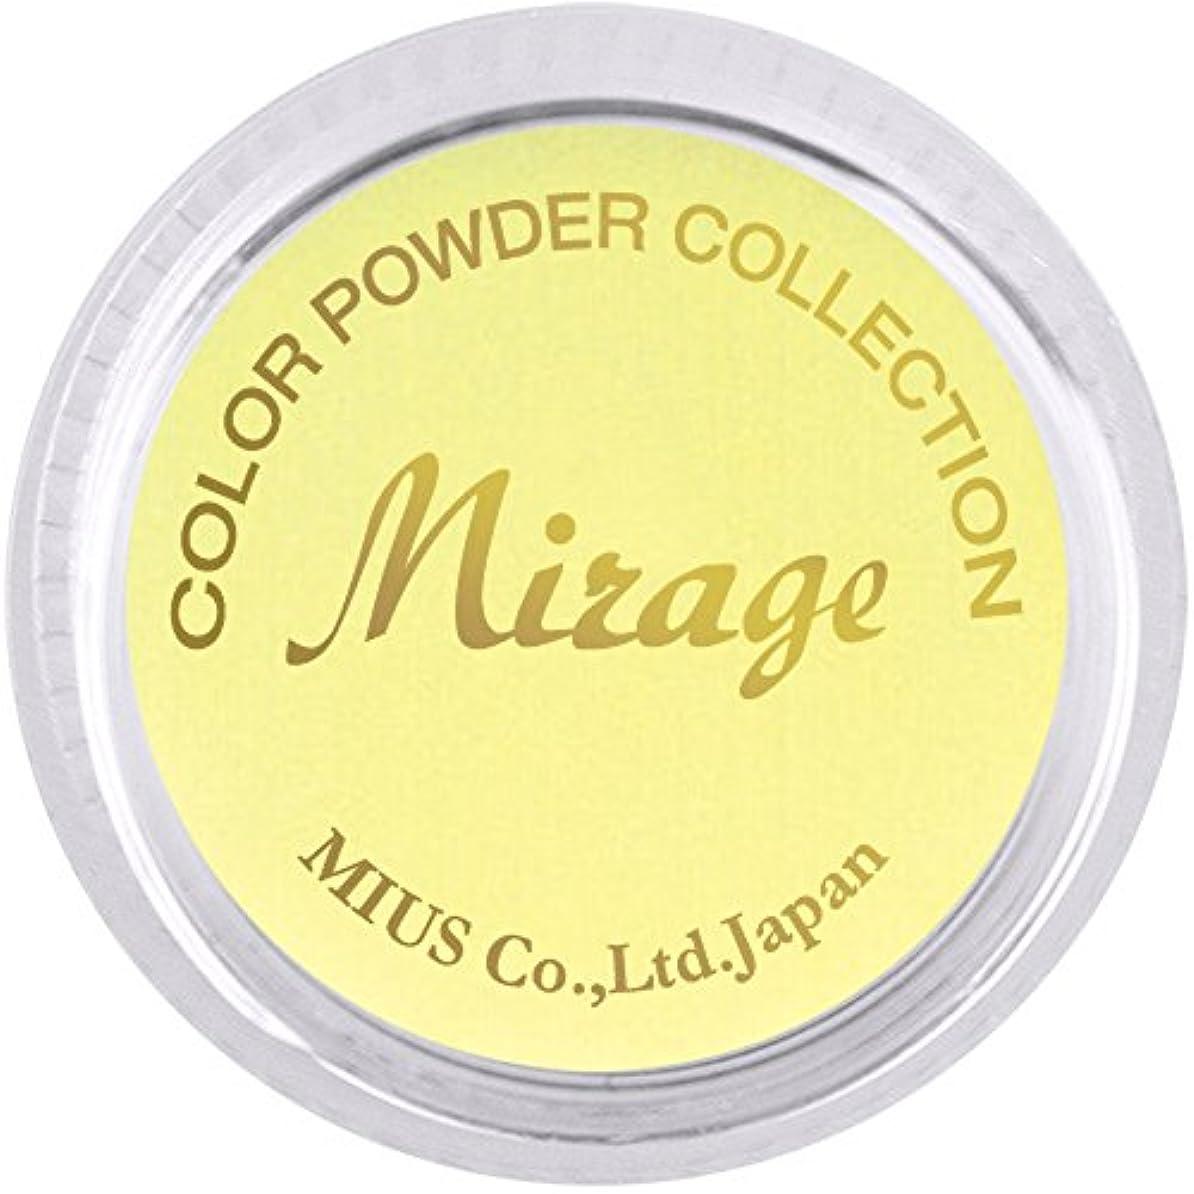 ミラージュ カラーパウダー N/WBN-1  7g  アクリルパウダー 淡く優しい色合いのパステルカラー